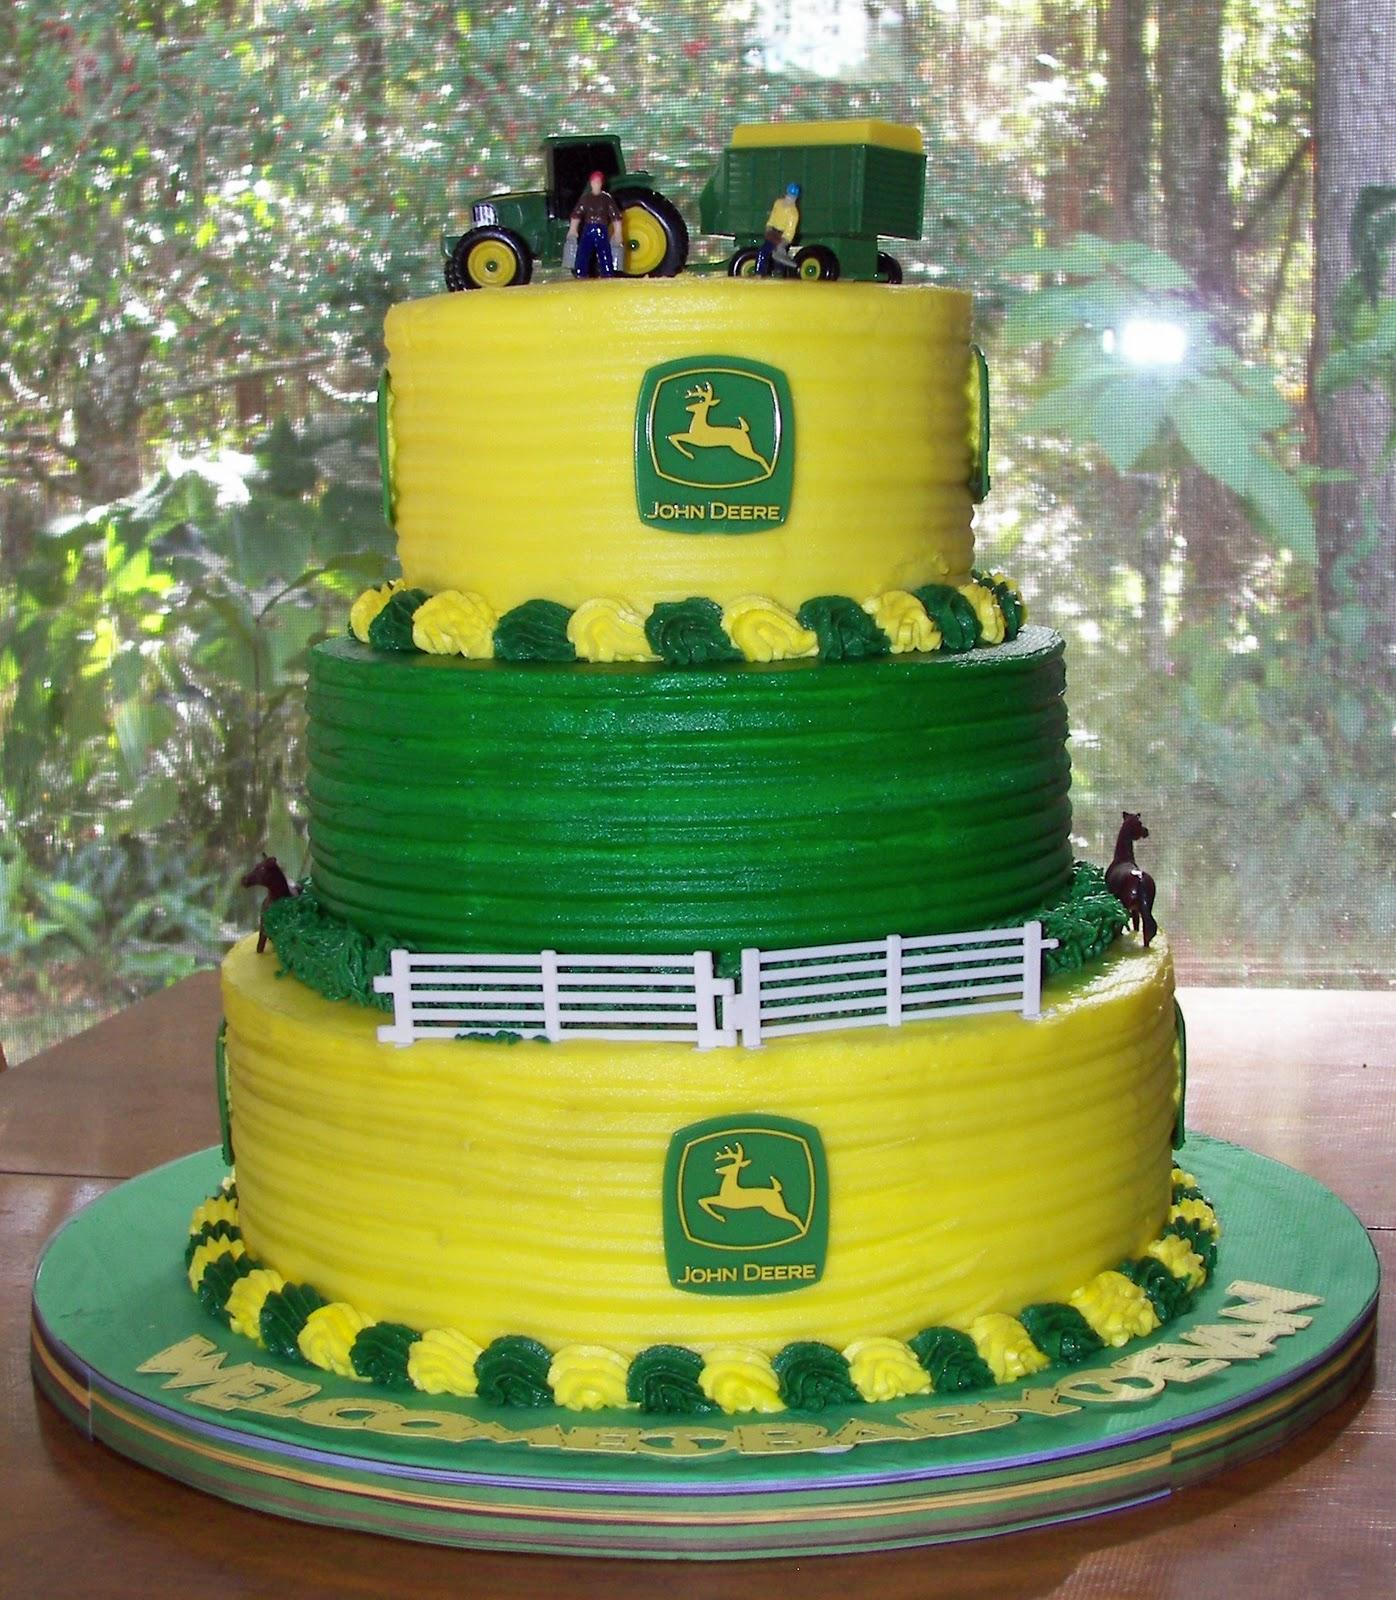 Excellent 8 John Deere Cakes Photo John Deere Birthday Cake John Deere Personalised Birthday Cards Veneteletsinfo